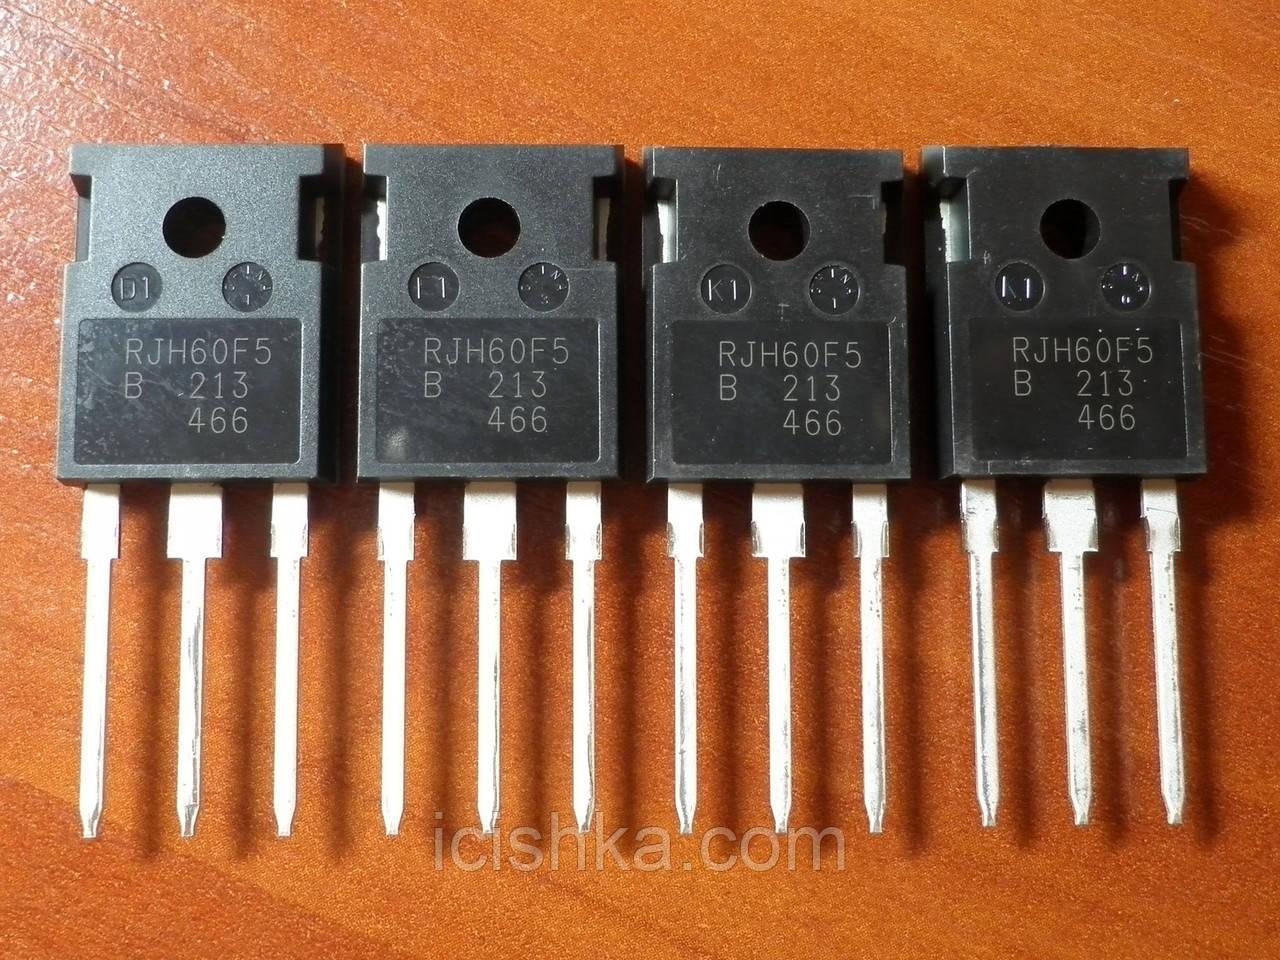 RJH60F5DPQ-A0 / RJH60F5 TO-247A - 600V 40A NPT IGBT транзистор НОВЫЙ